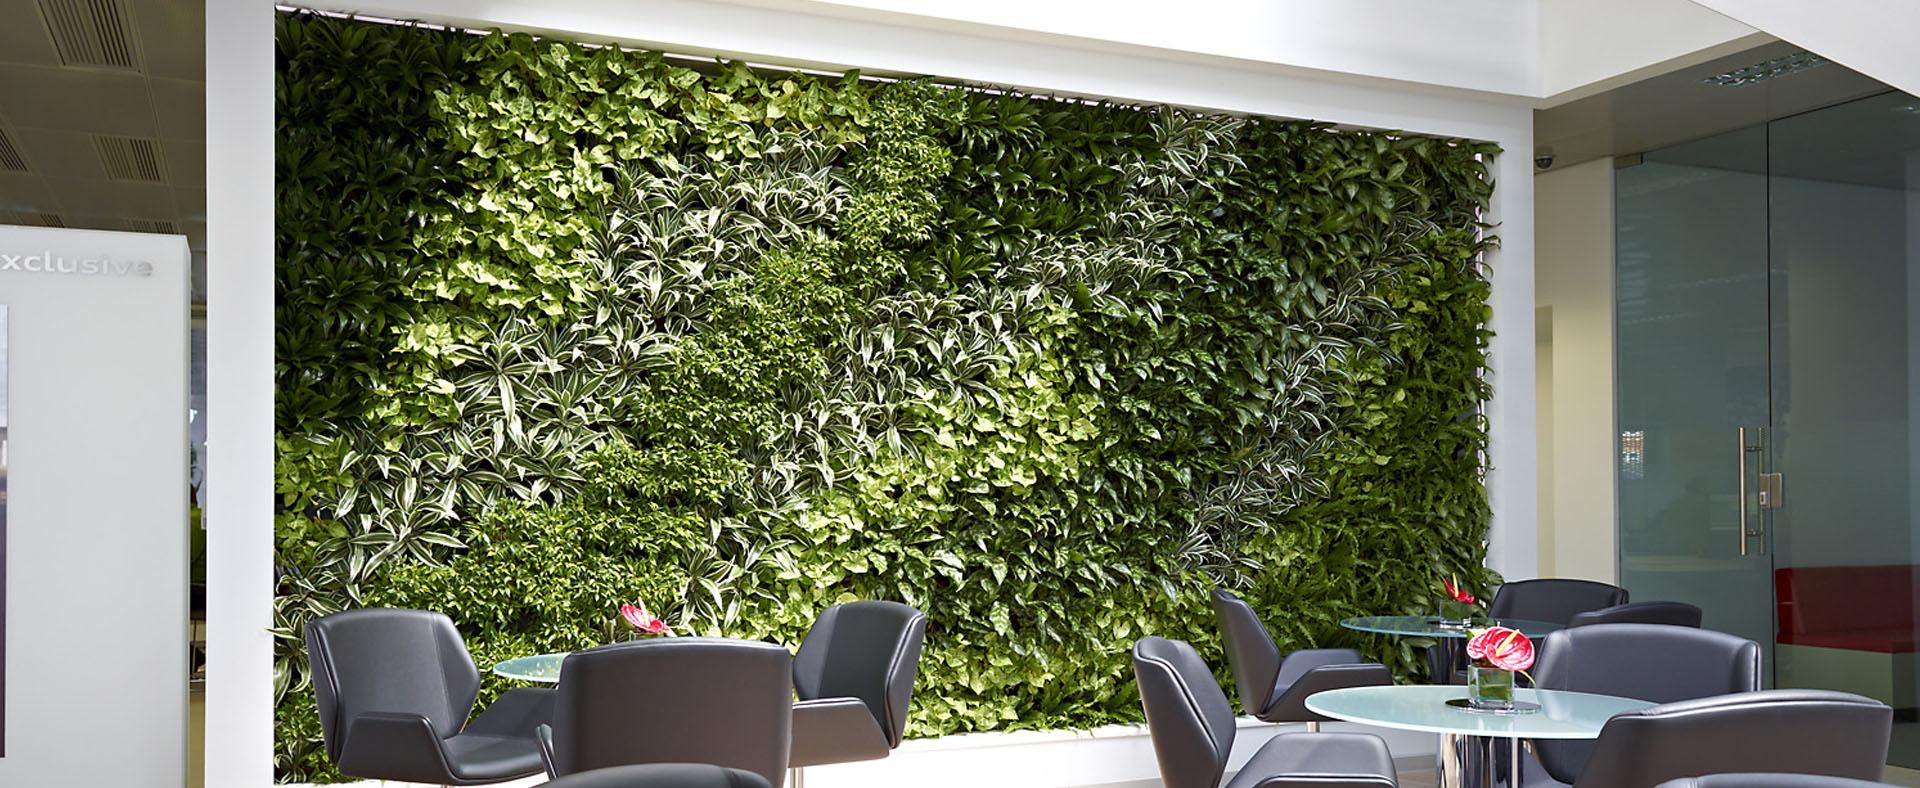 mur végétal naturel dans le salon d'attente d'une entreprise